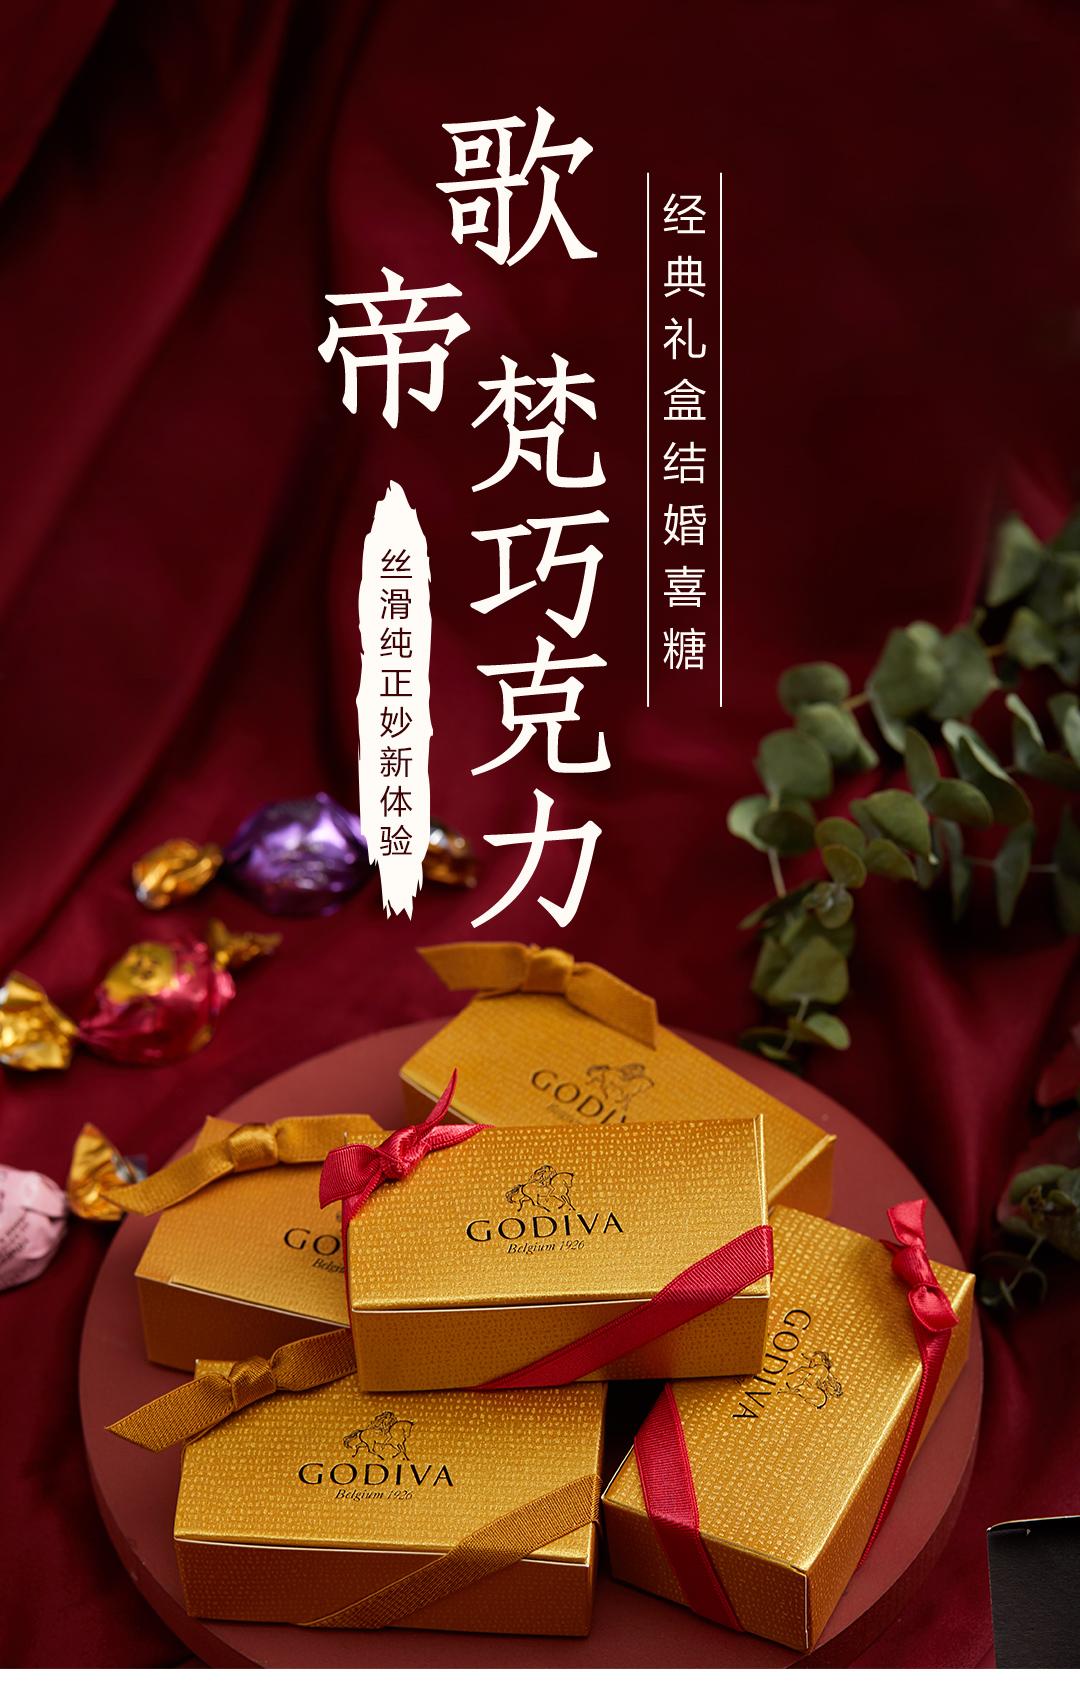 歌帝梵巧克力小金盒成品喜糖 2粒装